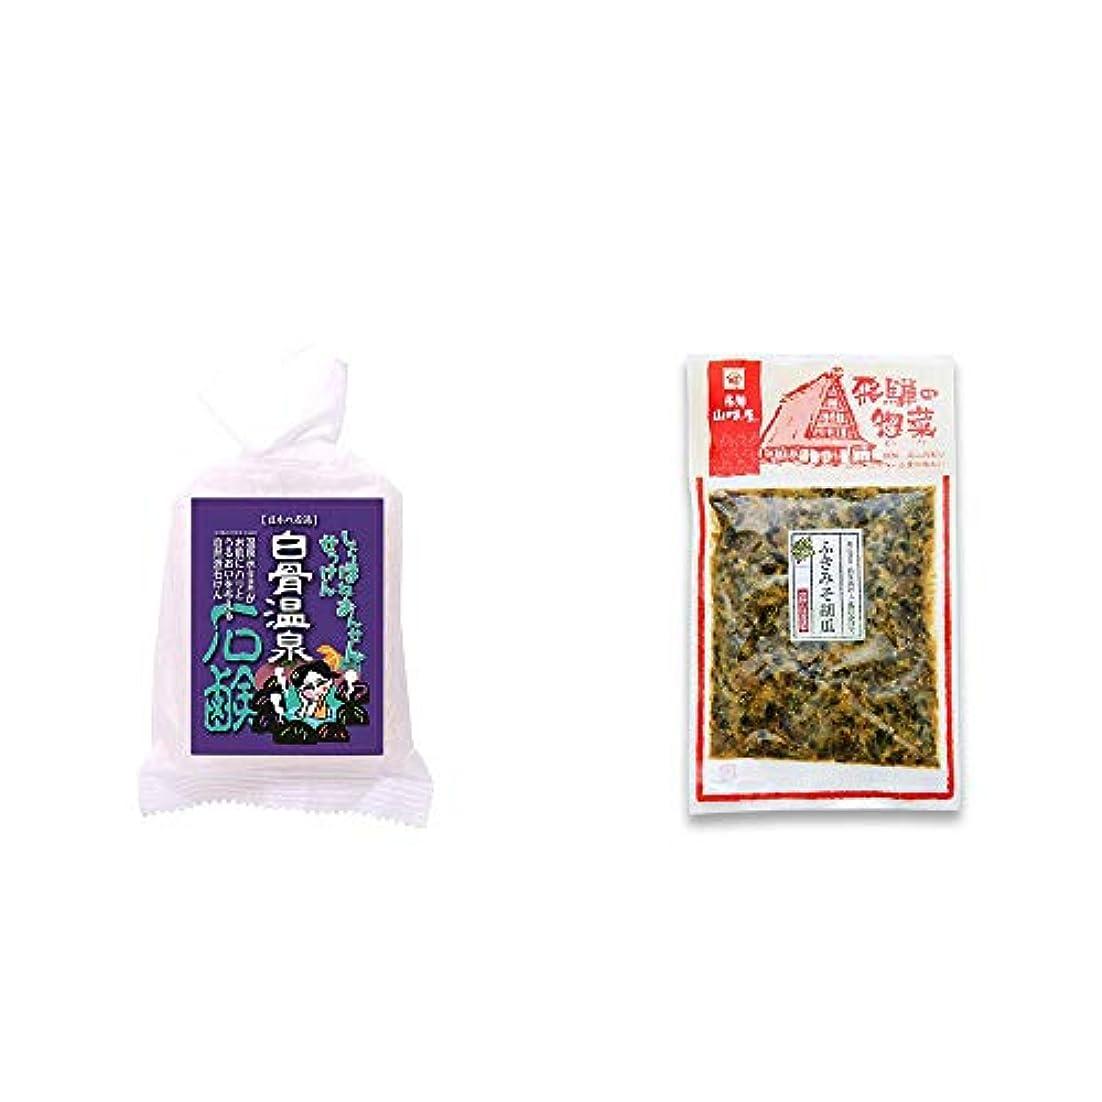 [2点セット] 信州 白骨温泉石鹸(80g)?飛騨山味屋 ふきみそ胡瓜(120g)